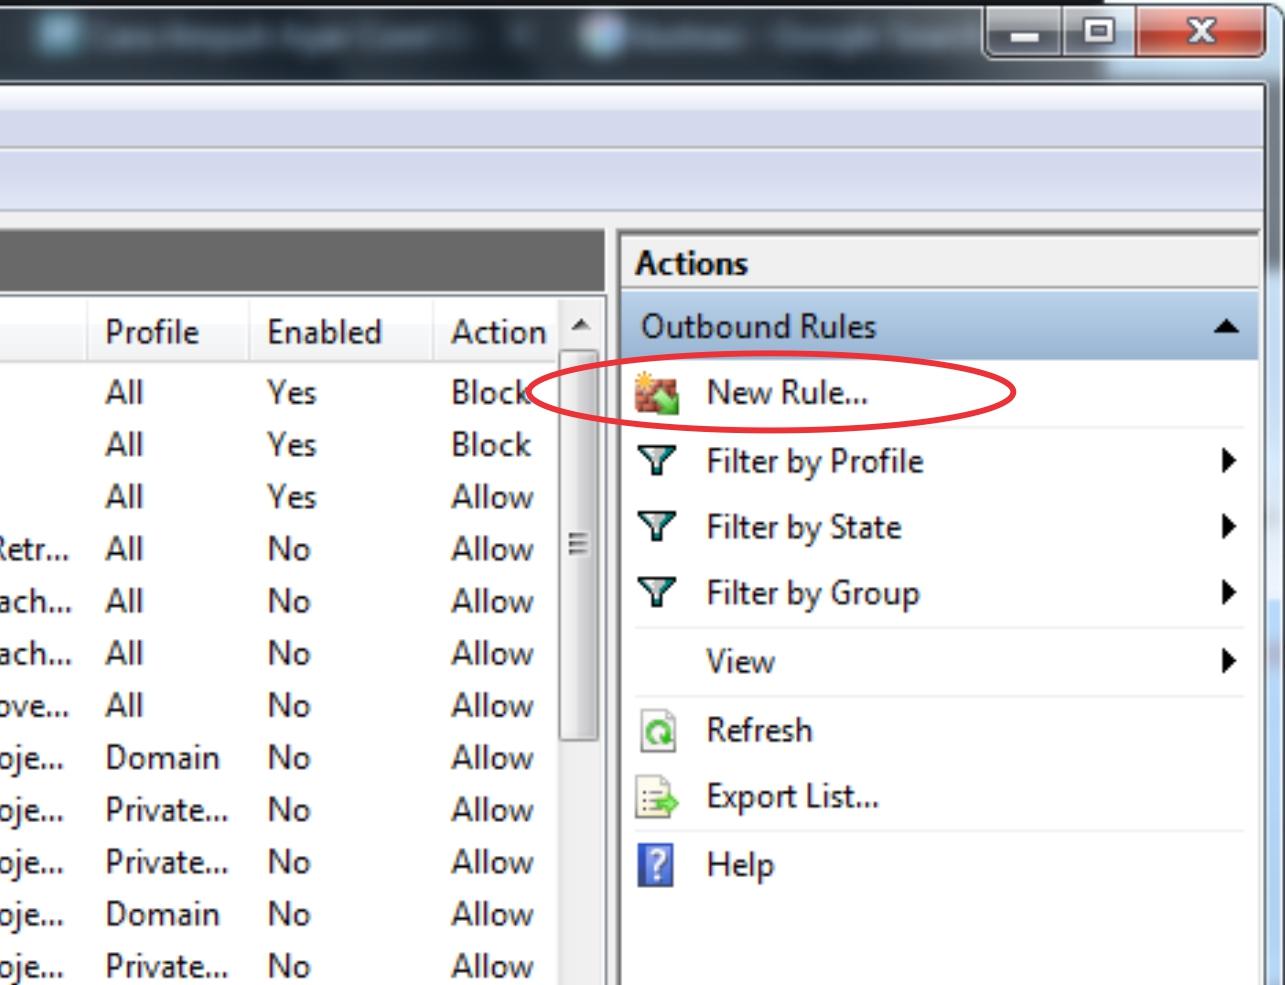 Cara Agar Coreldraw Bajakan Tidak Terdeteksi Internet Viewer Mode